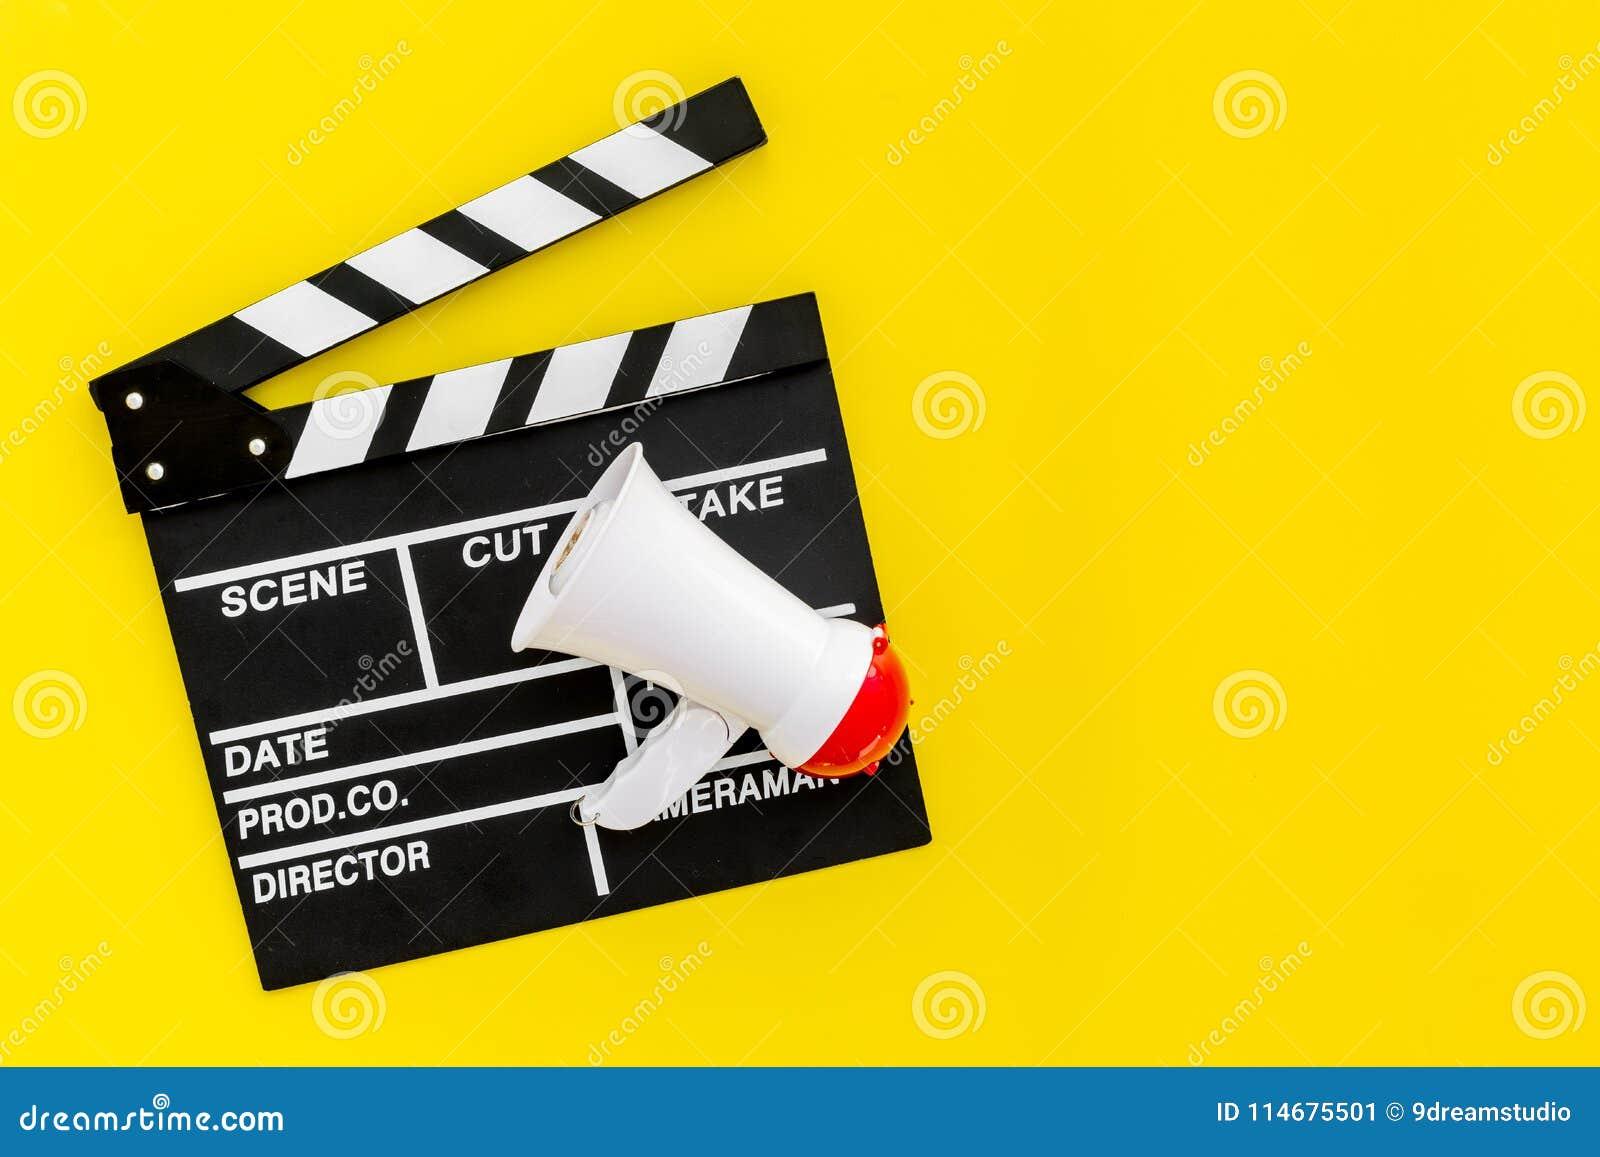 Σκηνοθέτης, έννοια παραγωγών μαγνητοσκόπηση Ηλεκτρονικό megaphone και clapperbord στο κίτρινο διάστημα άποψης υποβάθρου τοπ για